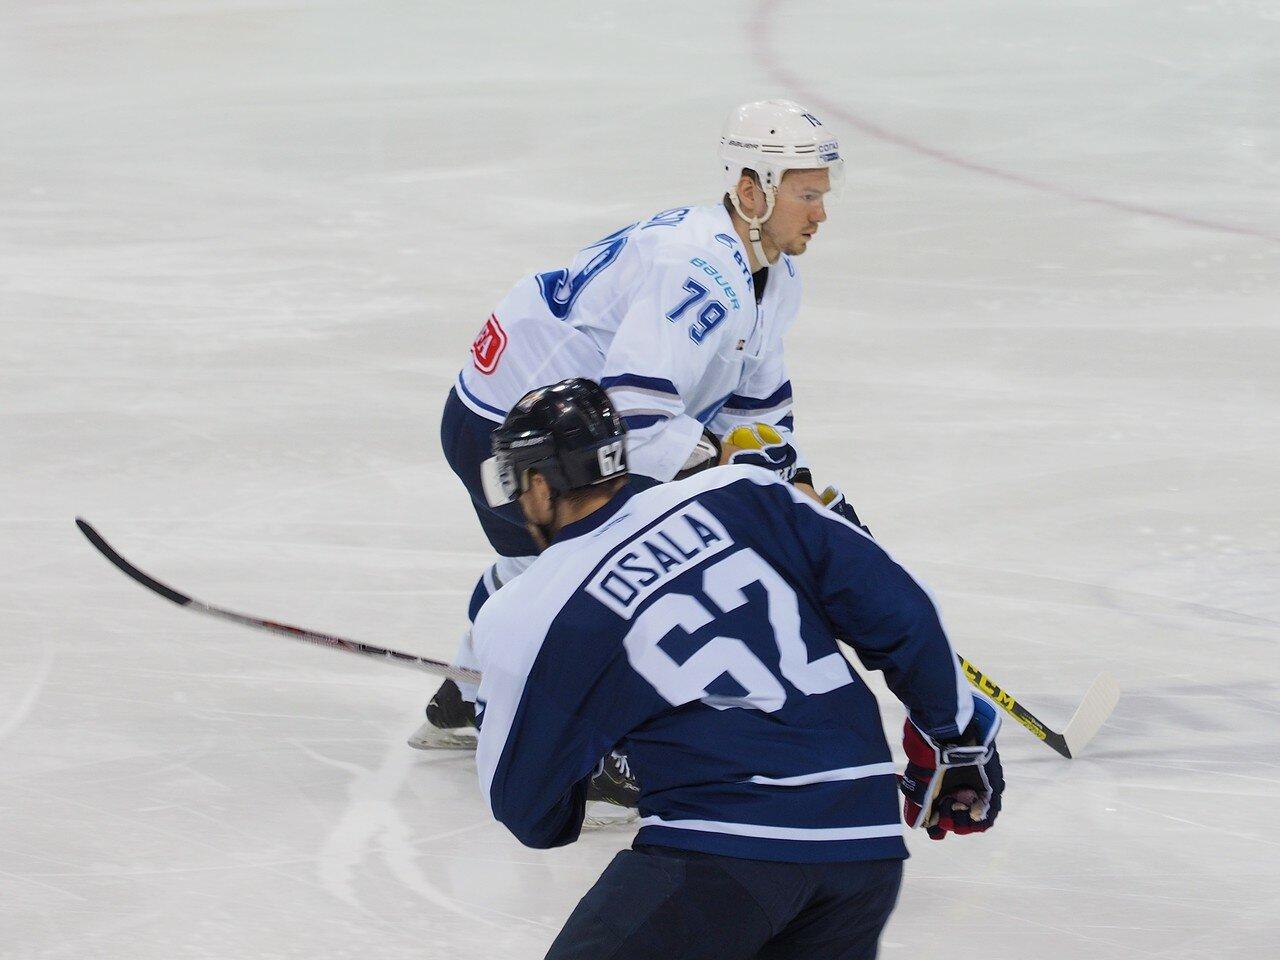 42Металлург - Динамо Москва 28.12.2015